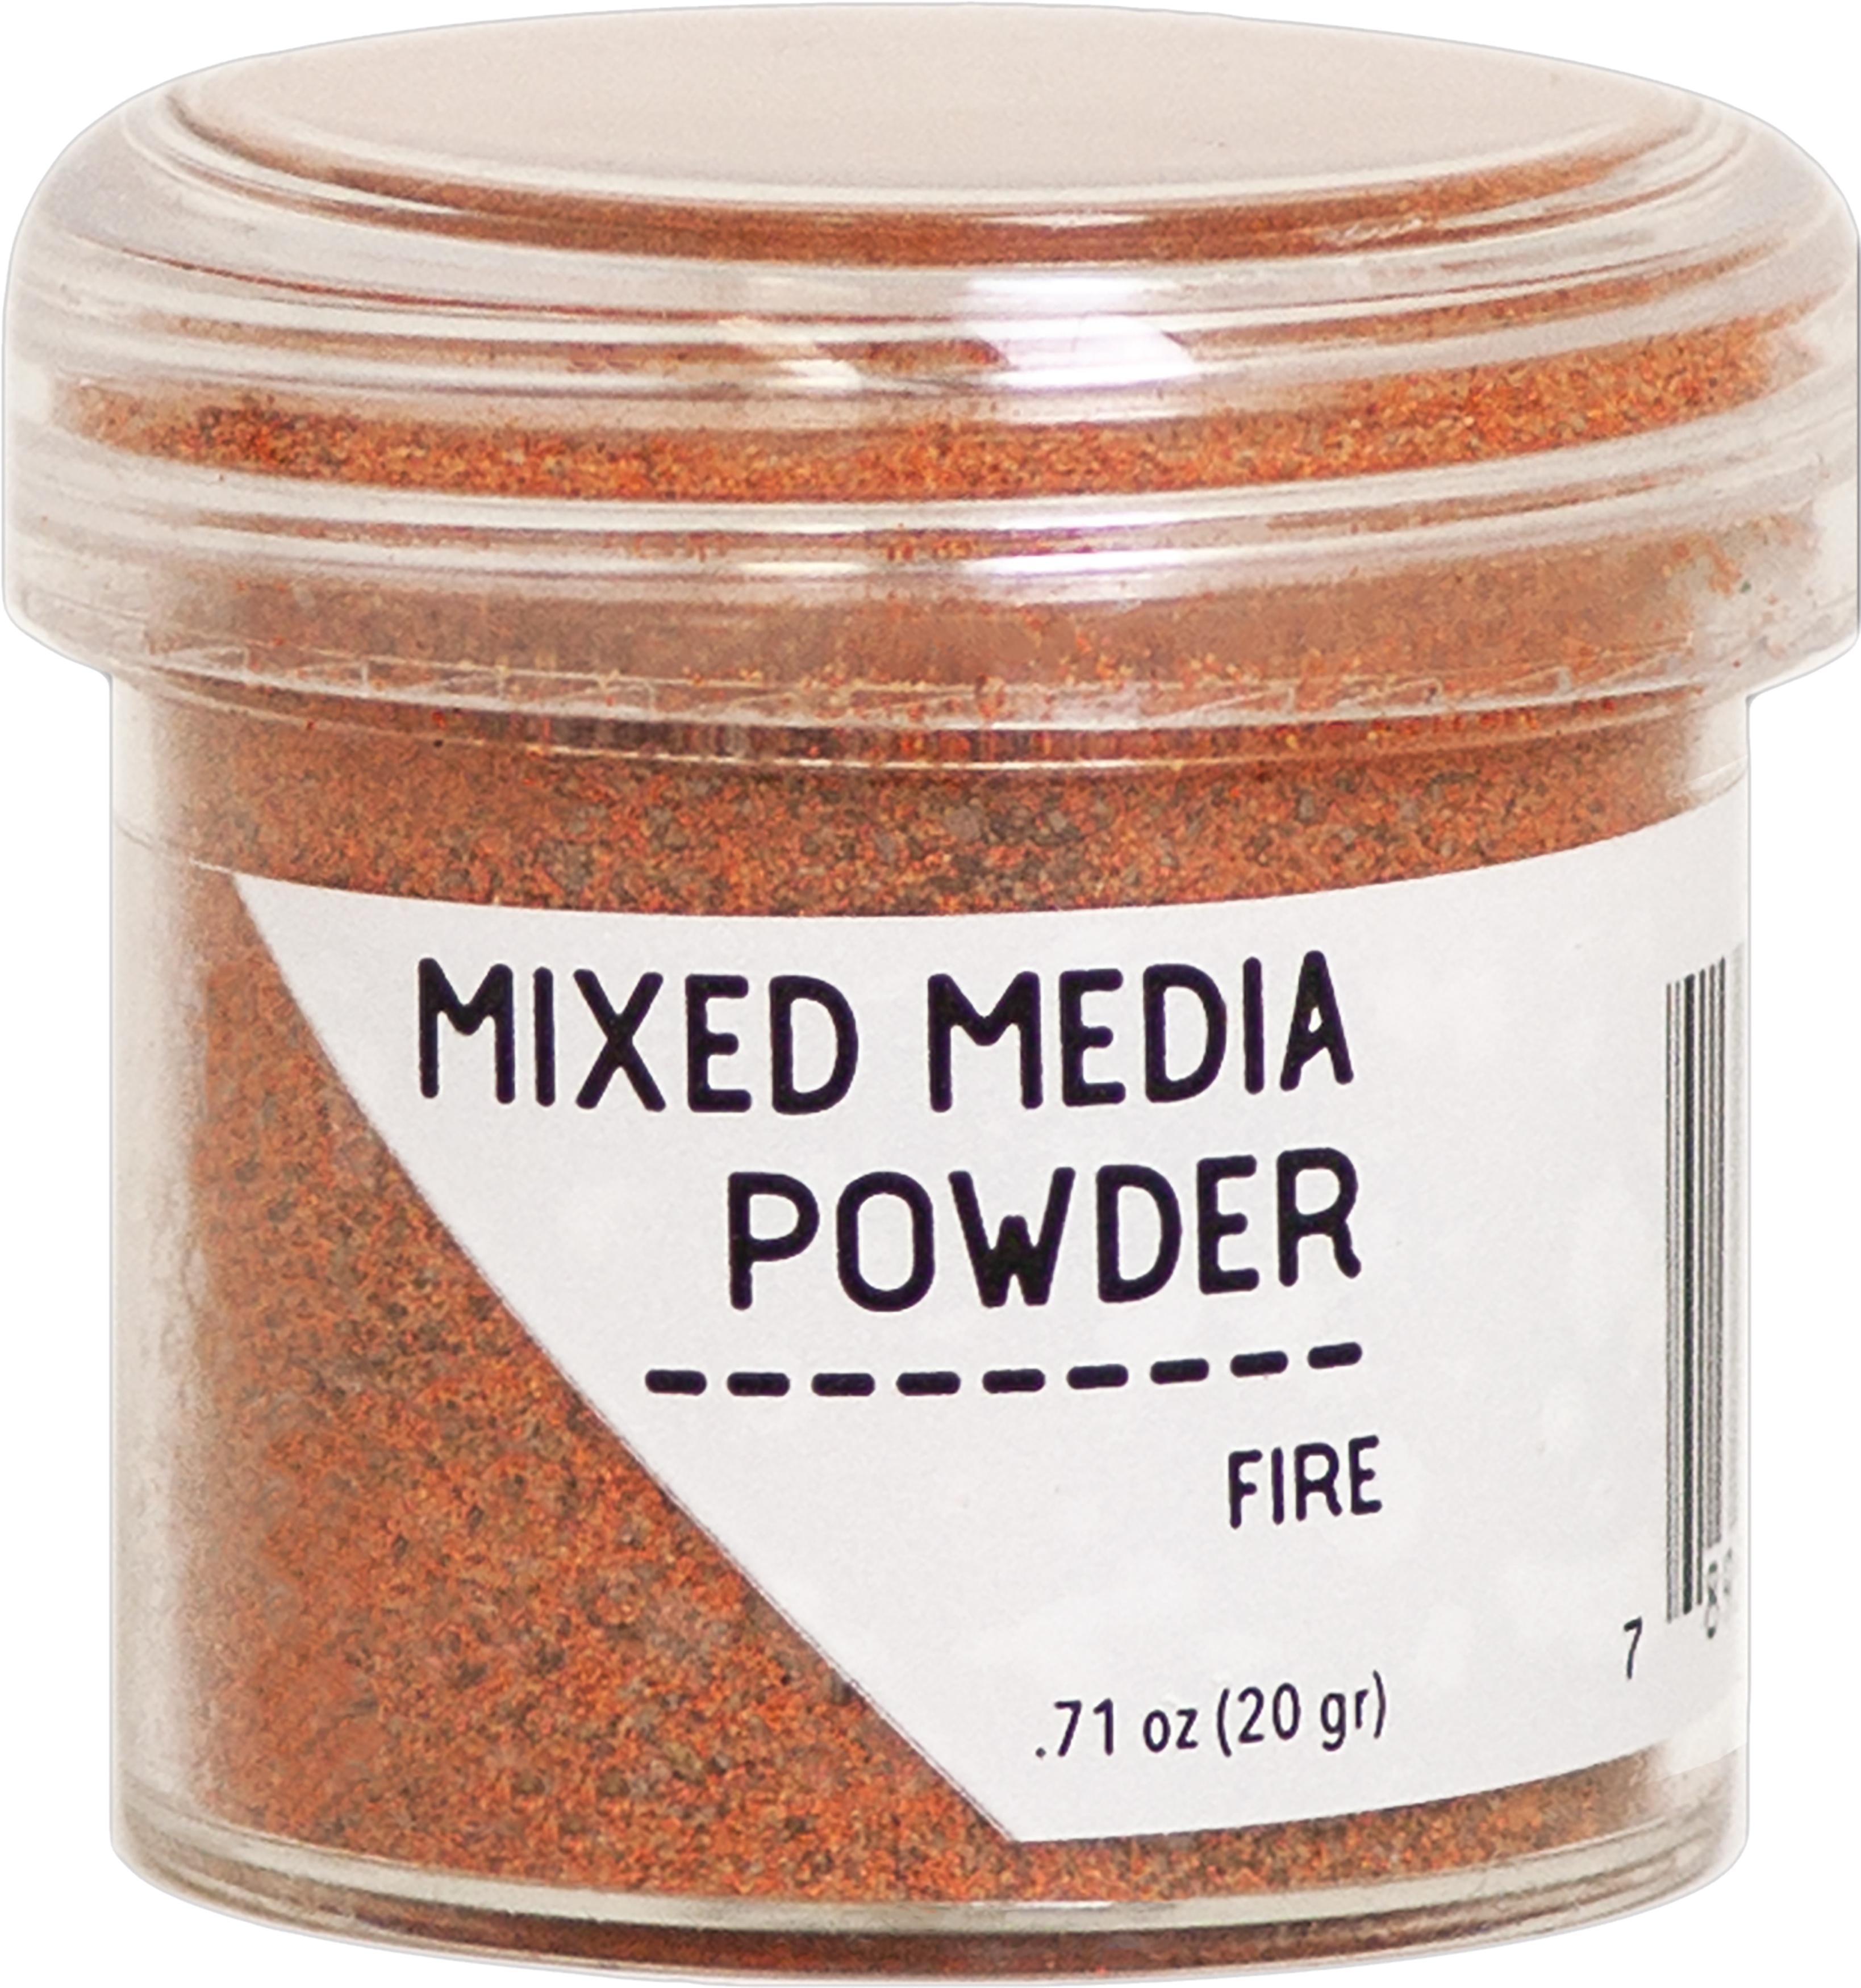 FIRE      -MIXED MEDIA POWDER